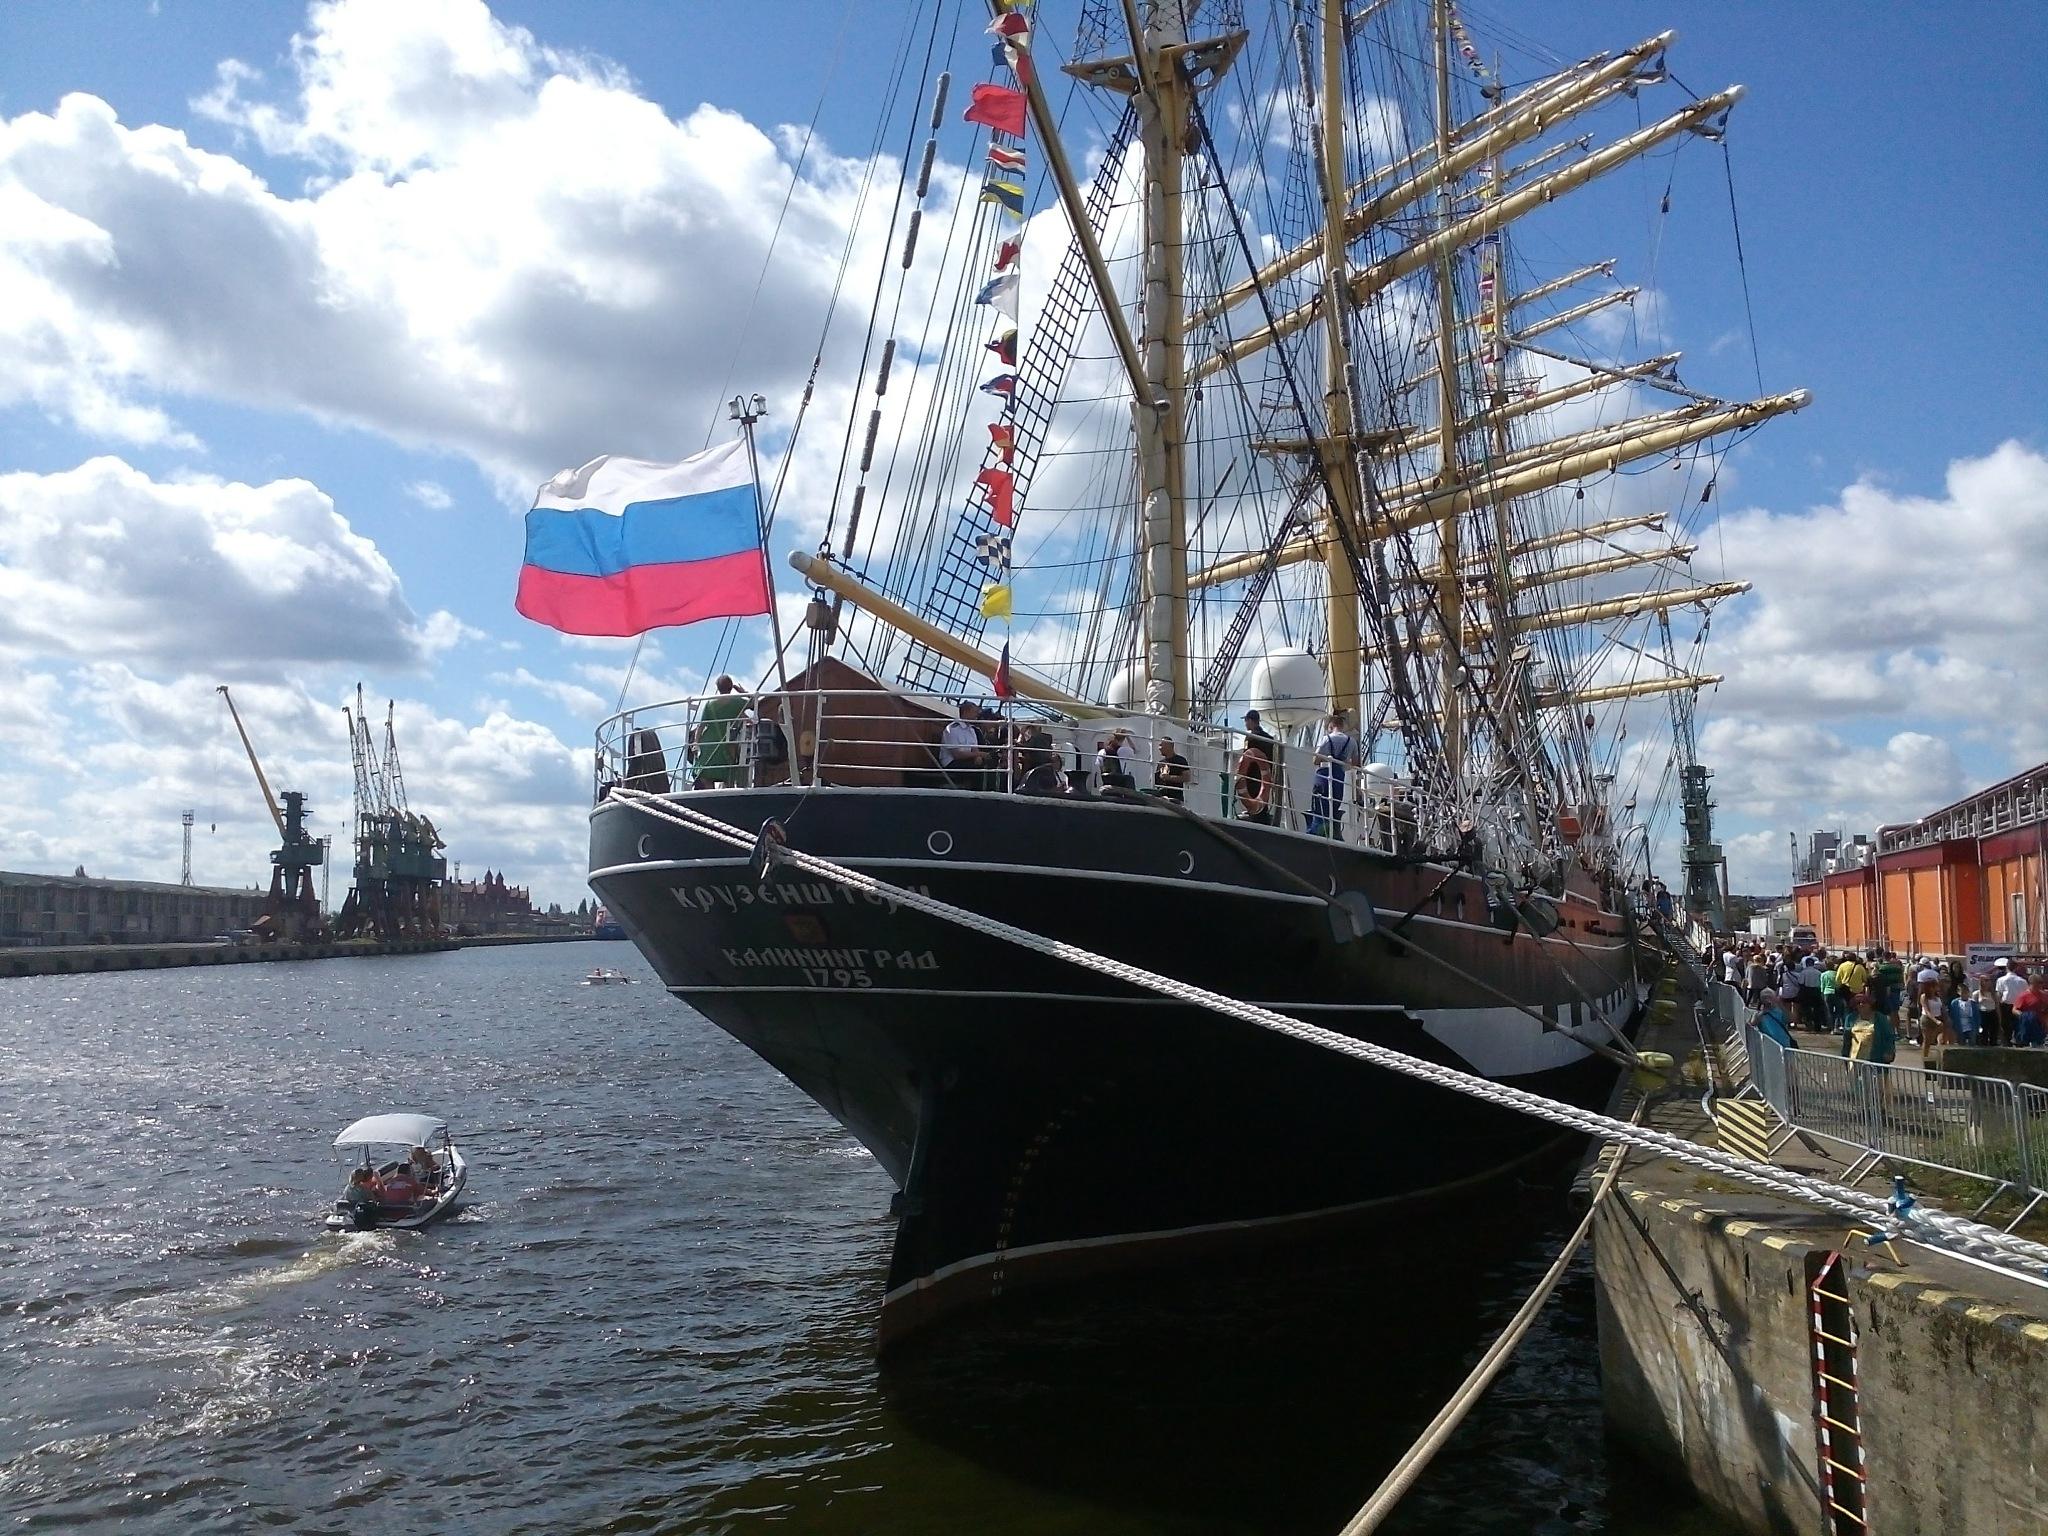 05.08 - 06.08.2017 Finał Regat Wielkich Żaglowców – The Tall Ship Races 2017!  --SZCZECIN by ToJa